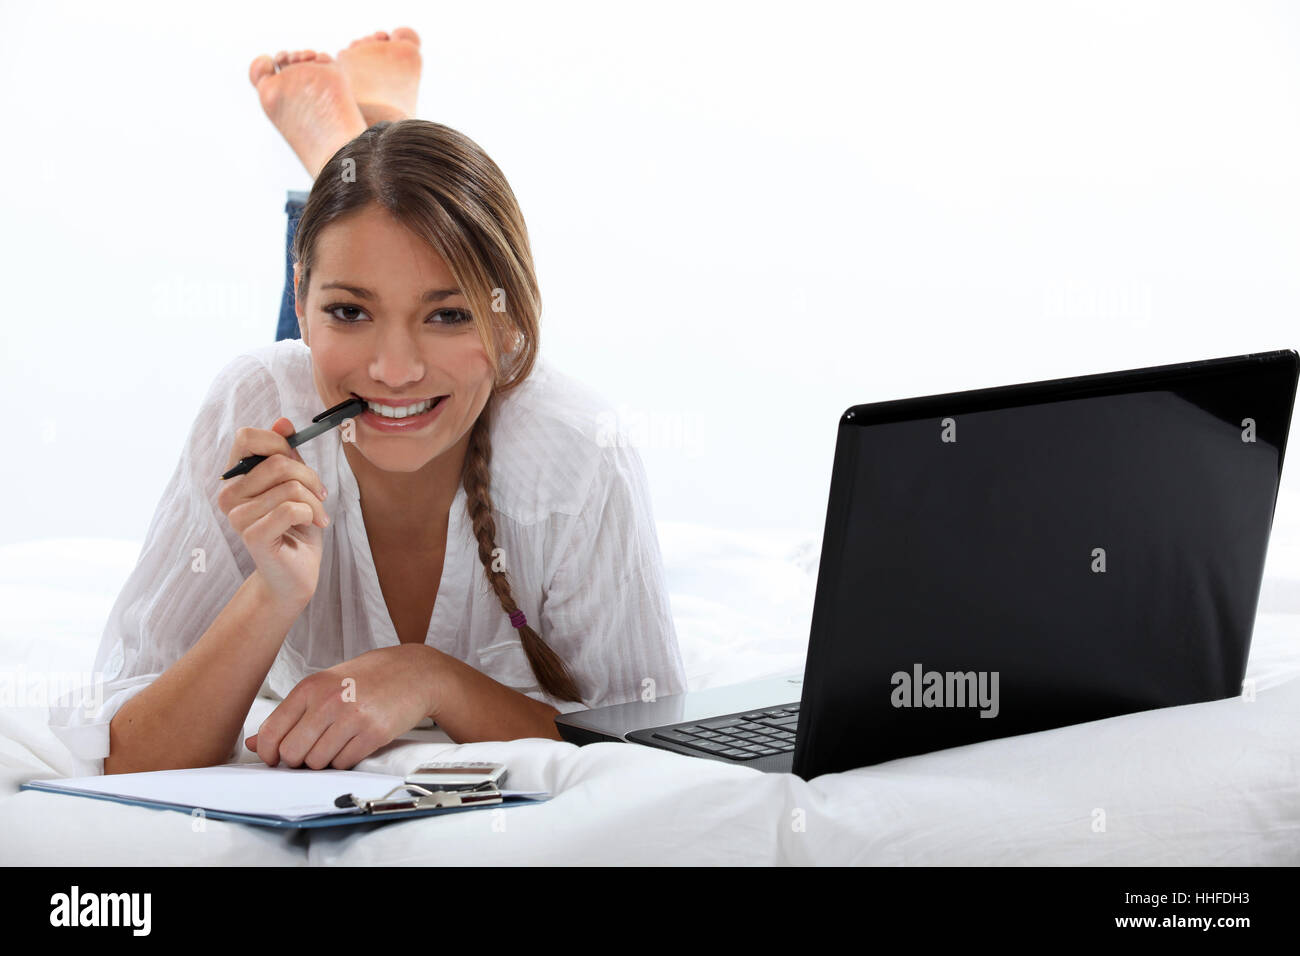 Donna, laptop, notebook, computer, computer, scrivere, scrisse, scrittura, scrive, Immagini Stock